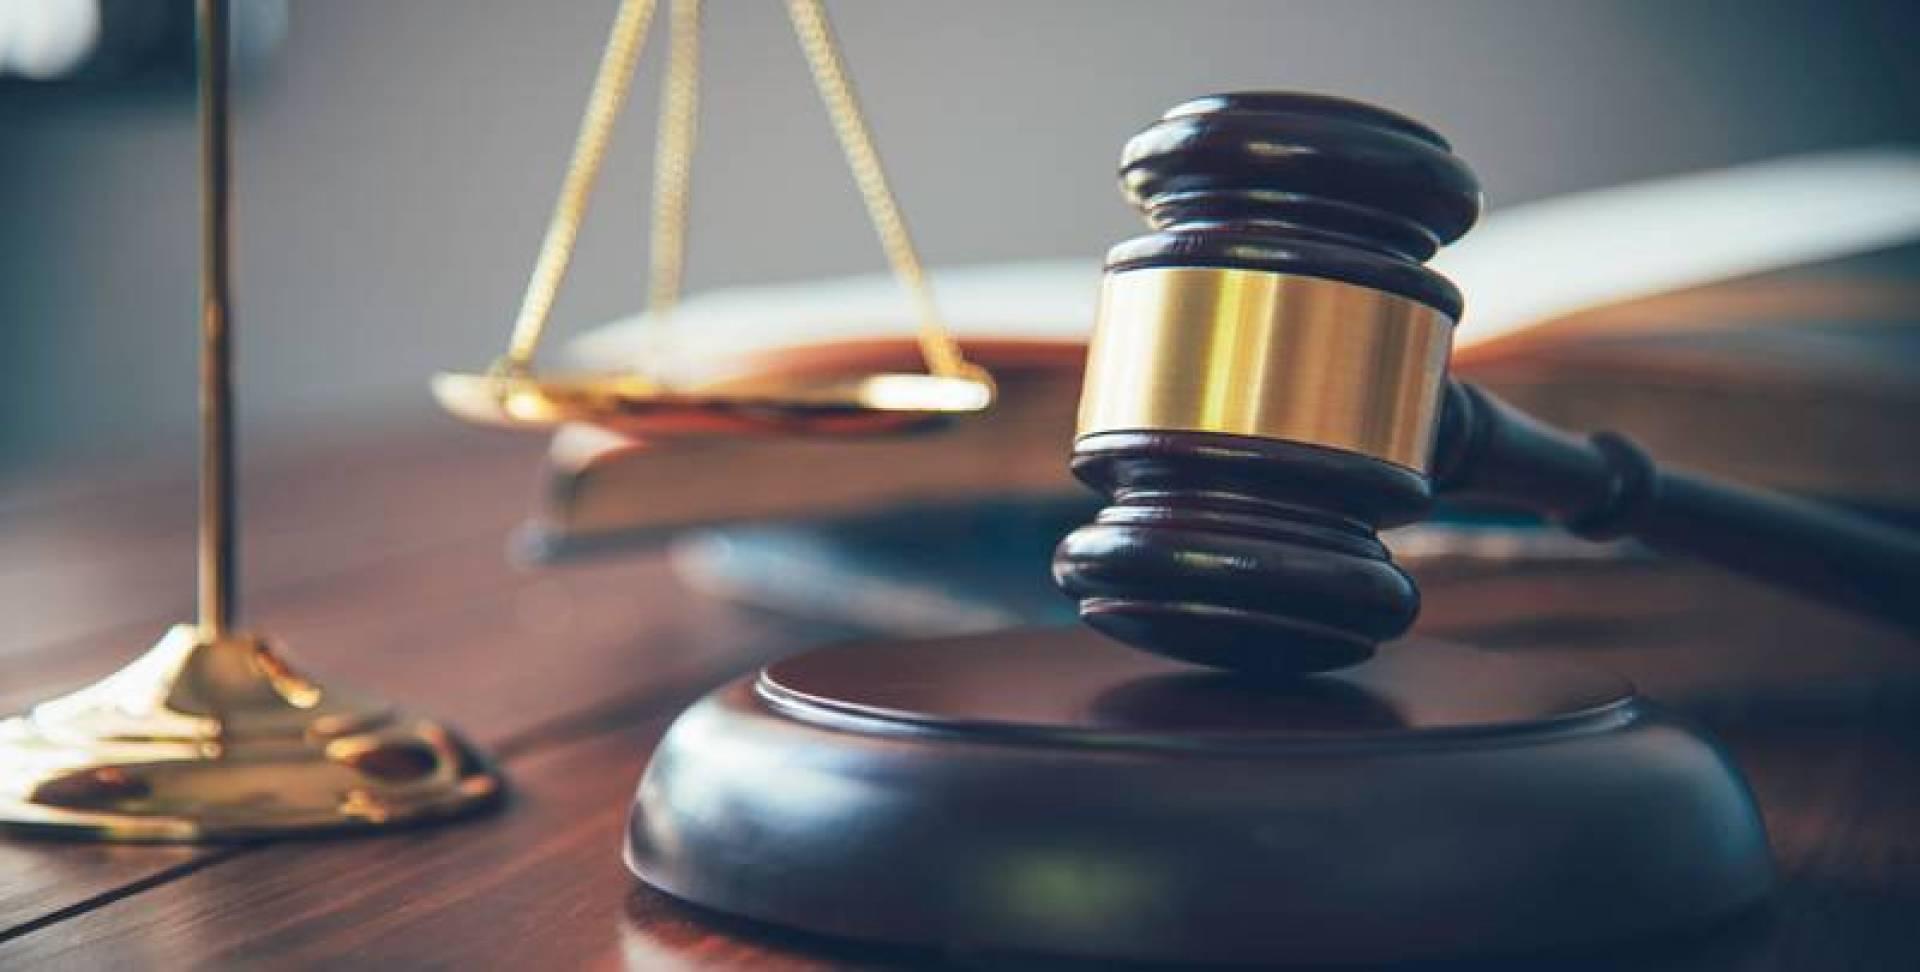 محاكمة 57 شخصًا لمخالفتهم قانون الوحدة الوطنية